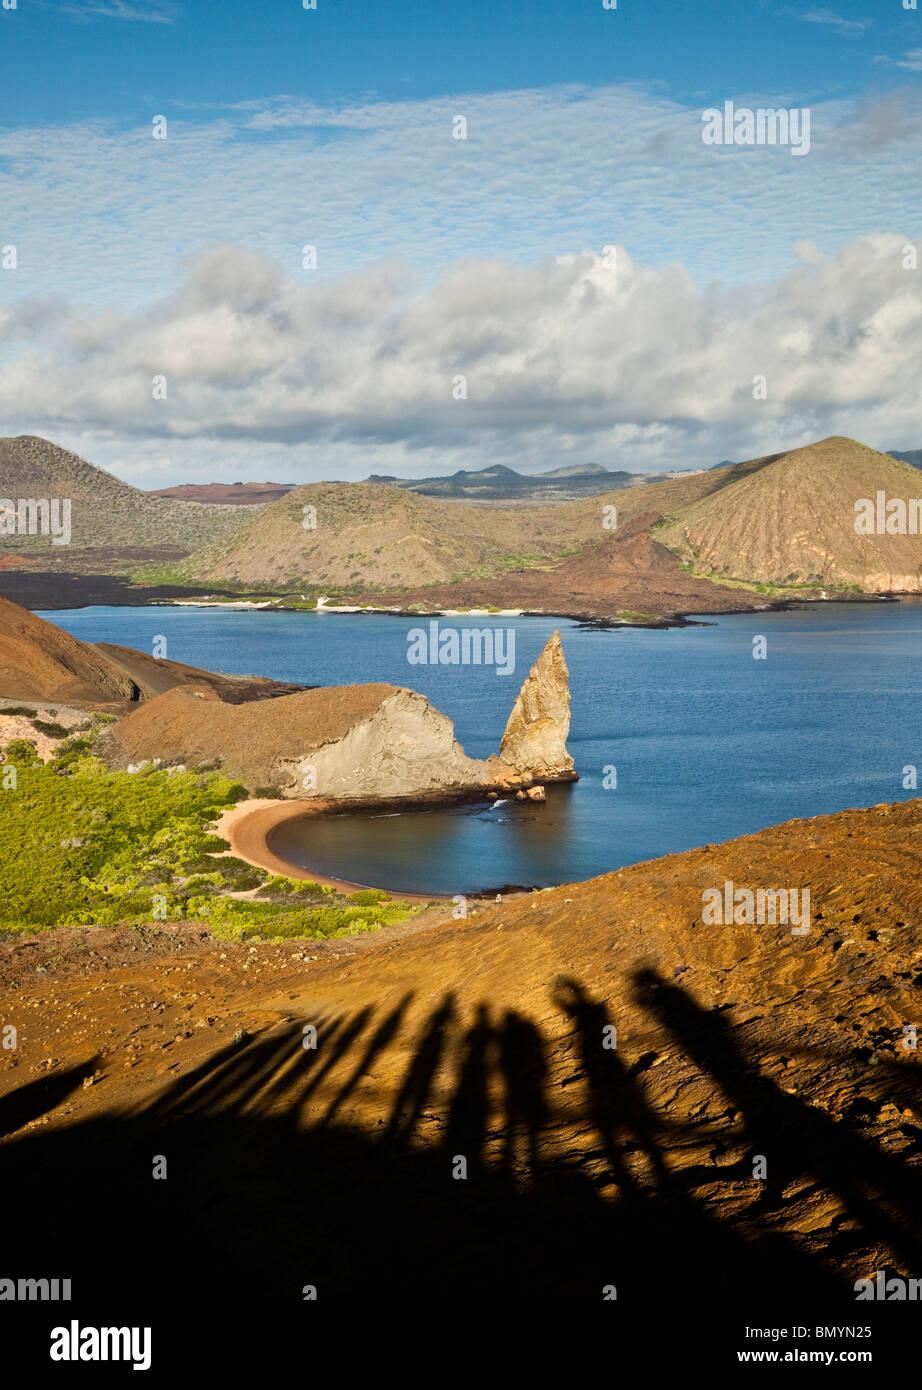 Ombre di turisti visualizzazione bartolome isola di San salvador a distanza nelle isole Galapagos Immagini Stock